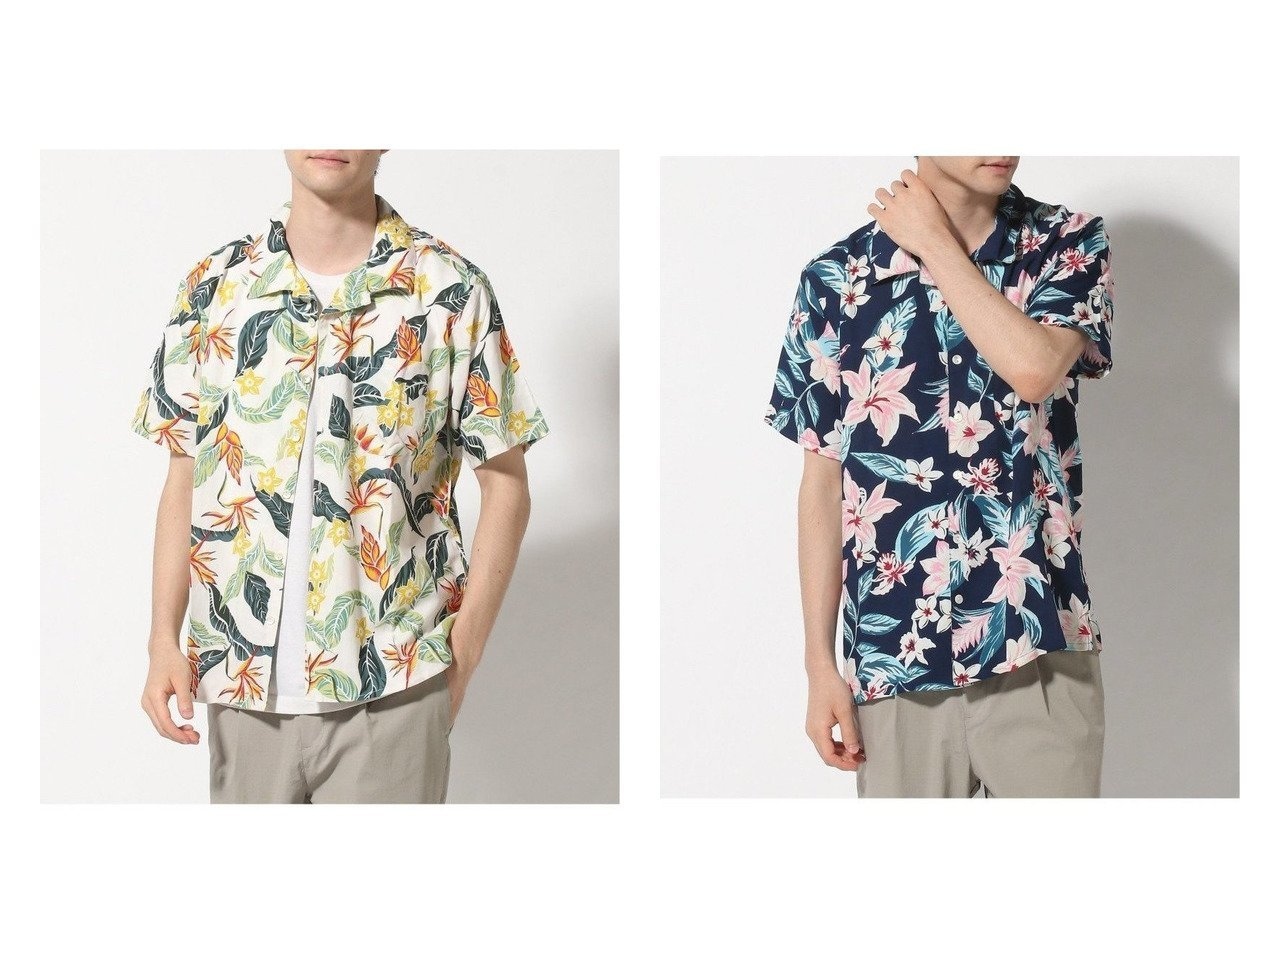 【KAHIKO / MEN/カヒコ】のサマールM-SH 【MEN】おすすめ!人気トレンド・男性、メンズファッションの通販 おすすめで人気の流行・トレンド、ファッションの通販商品 メンズファッション・キッズファッション・インテリア・家具・レディースファッション・服の通販 founy(ファニー) https://founy.com/ ファッション Fashion メンズファッション MEN シンプル ビーチ ボタニカル リゾート 半袖 |ID:crp329100000019836